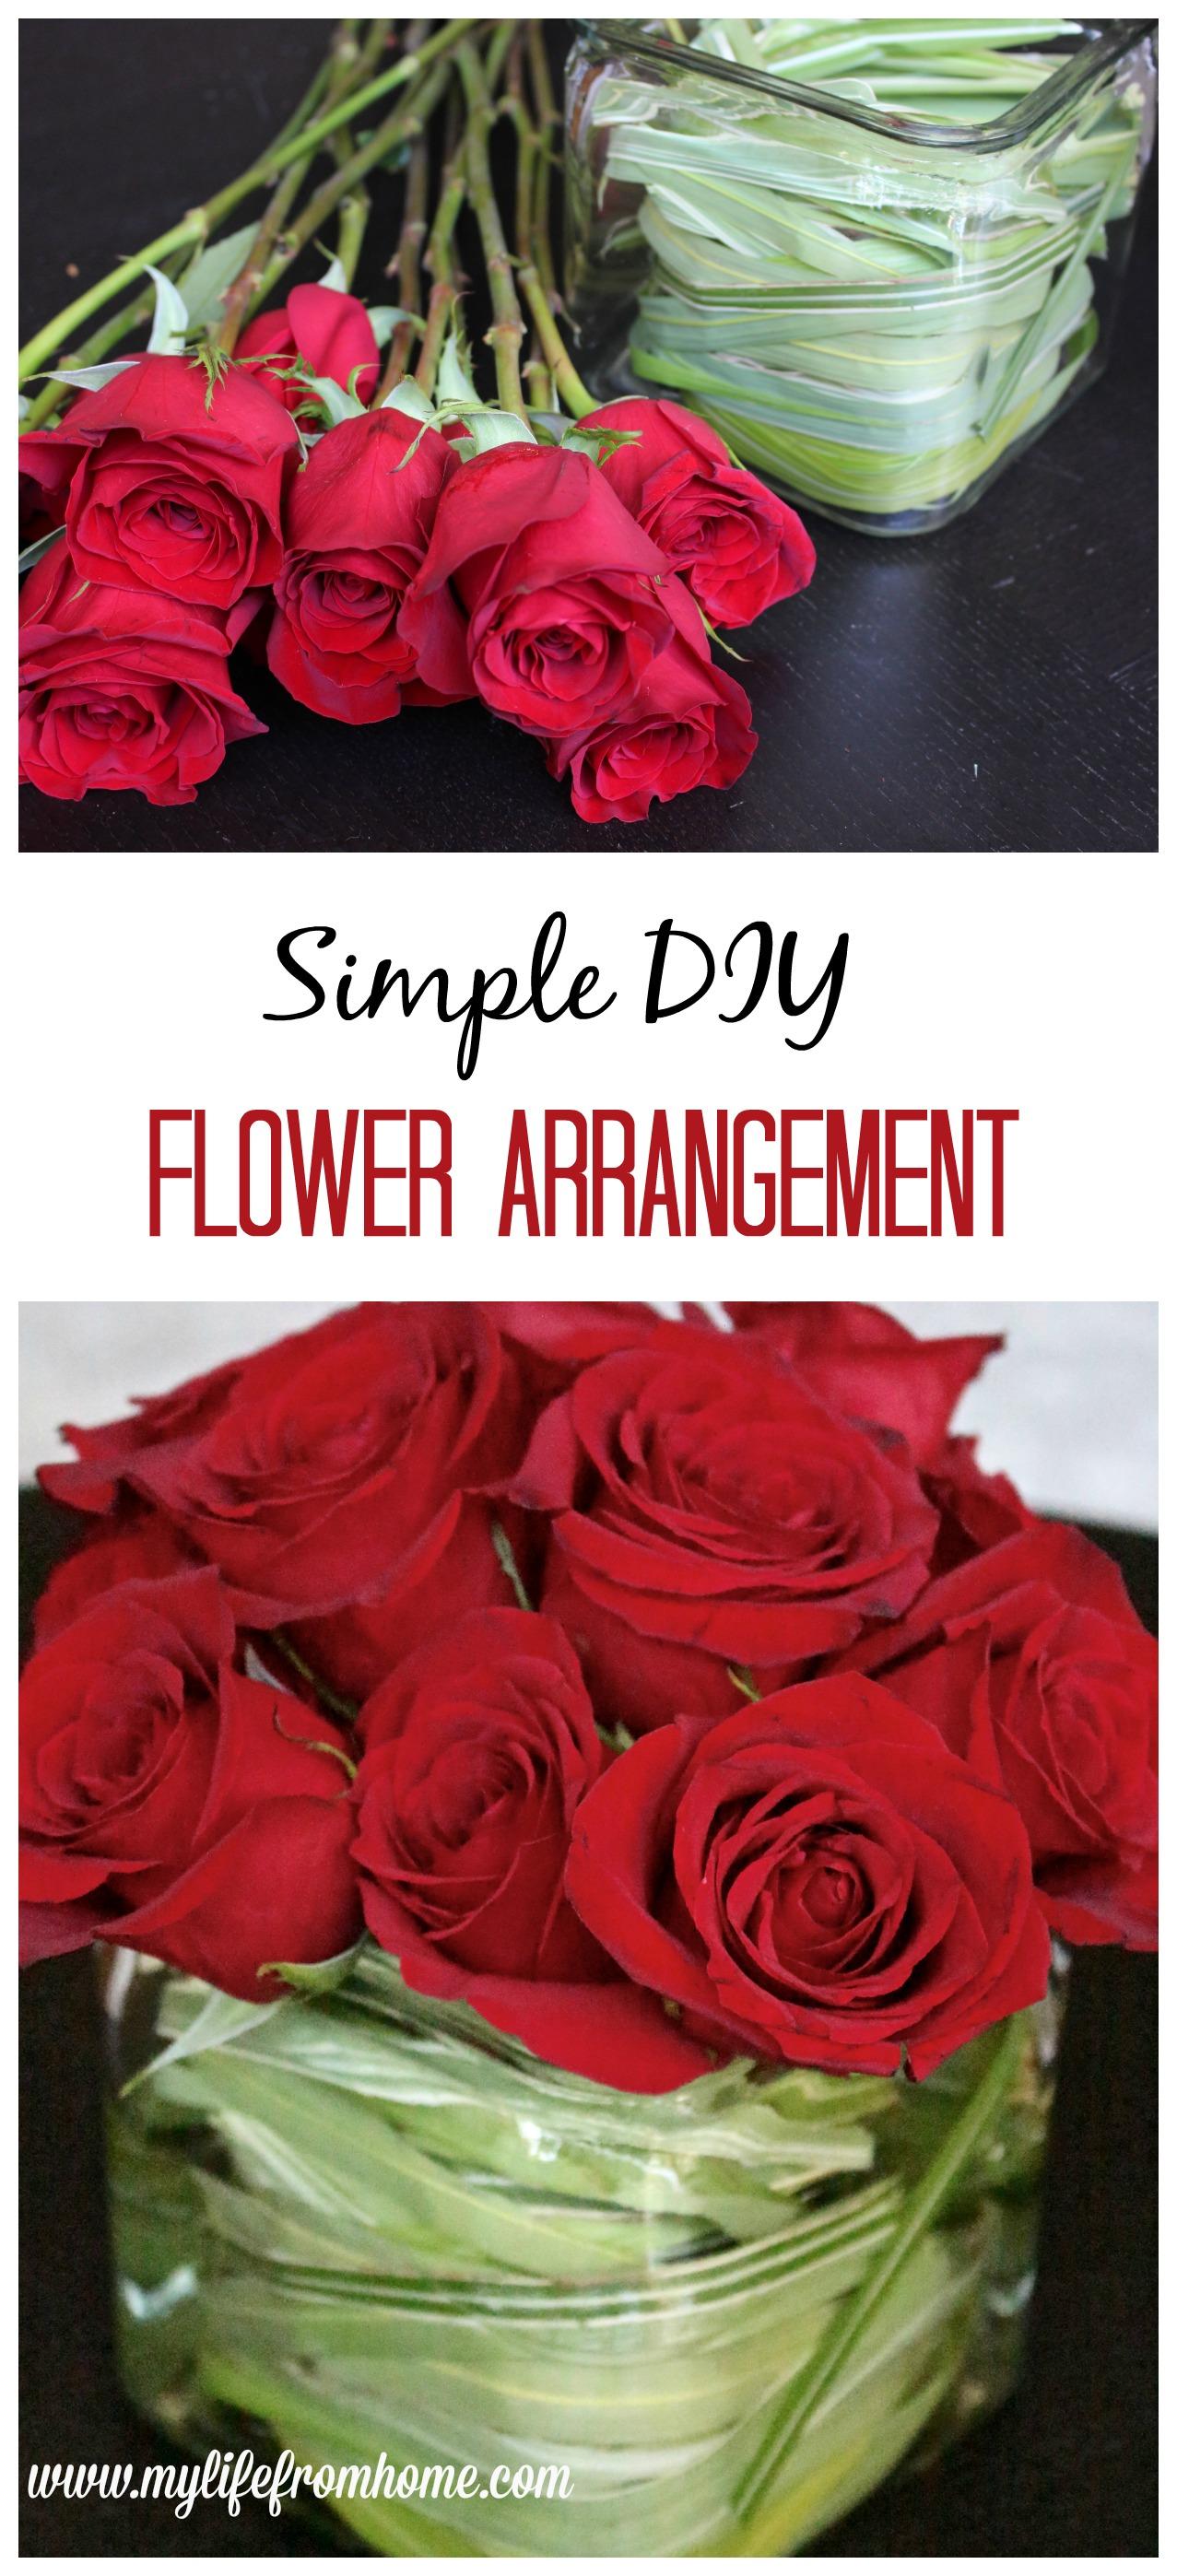 Simple DIY Flower Arrangement roses flower arranging DIY flower arrangement hand bouquet grocery store flowers